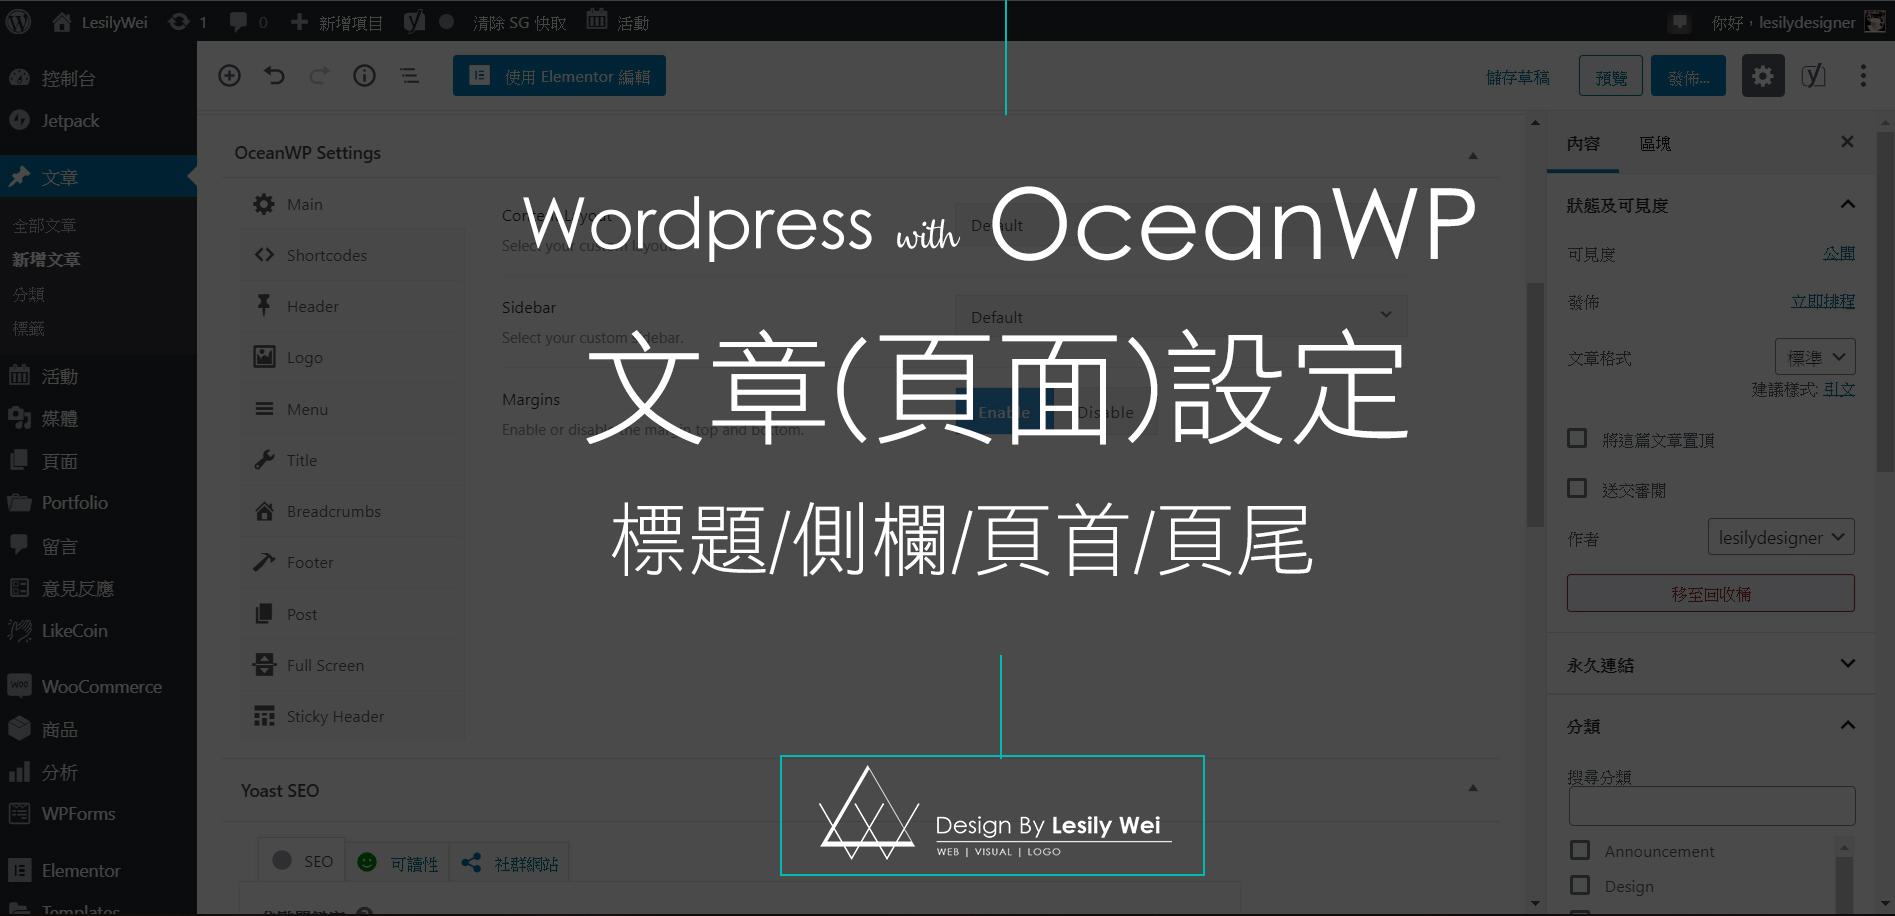 設計師推薦WordPress佈景主題 OceanWP 如何顯示隱藏頁面標題